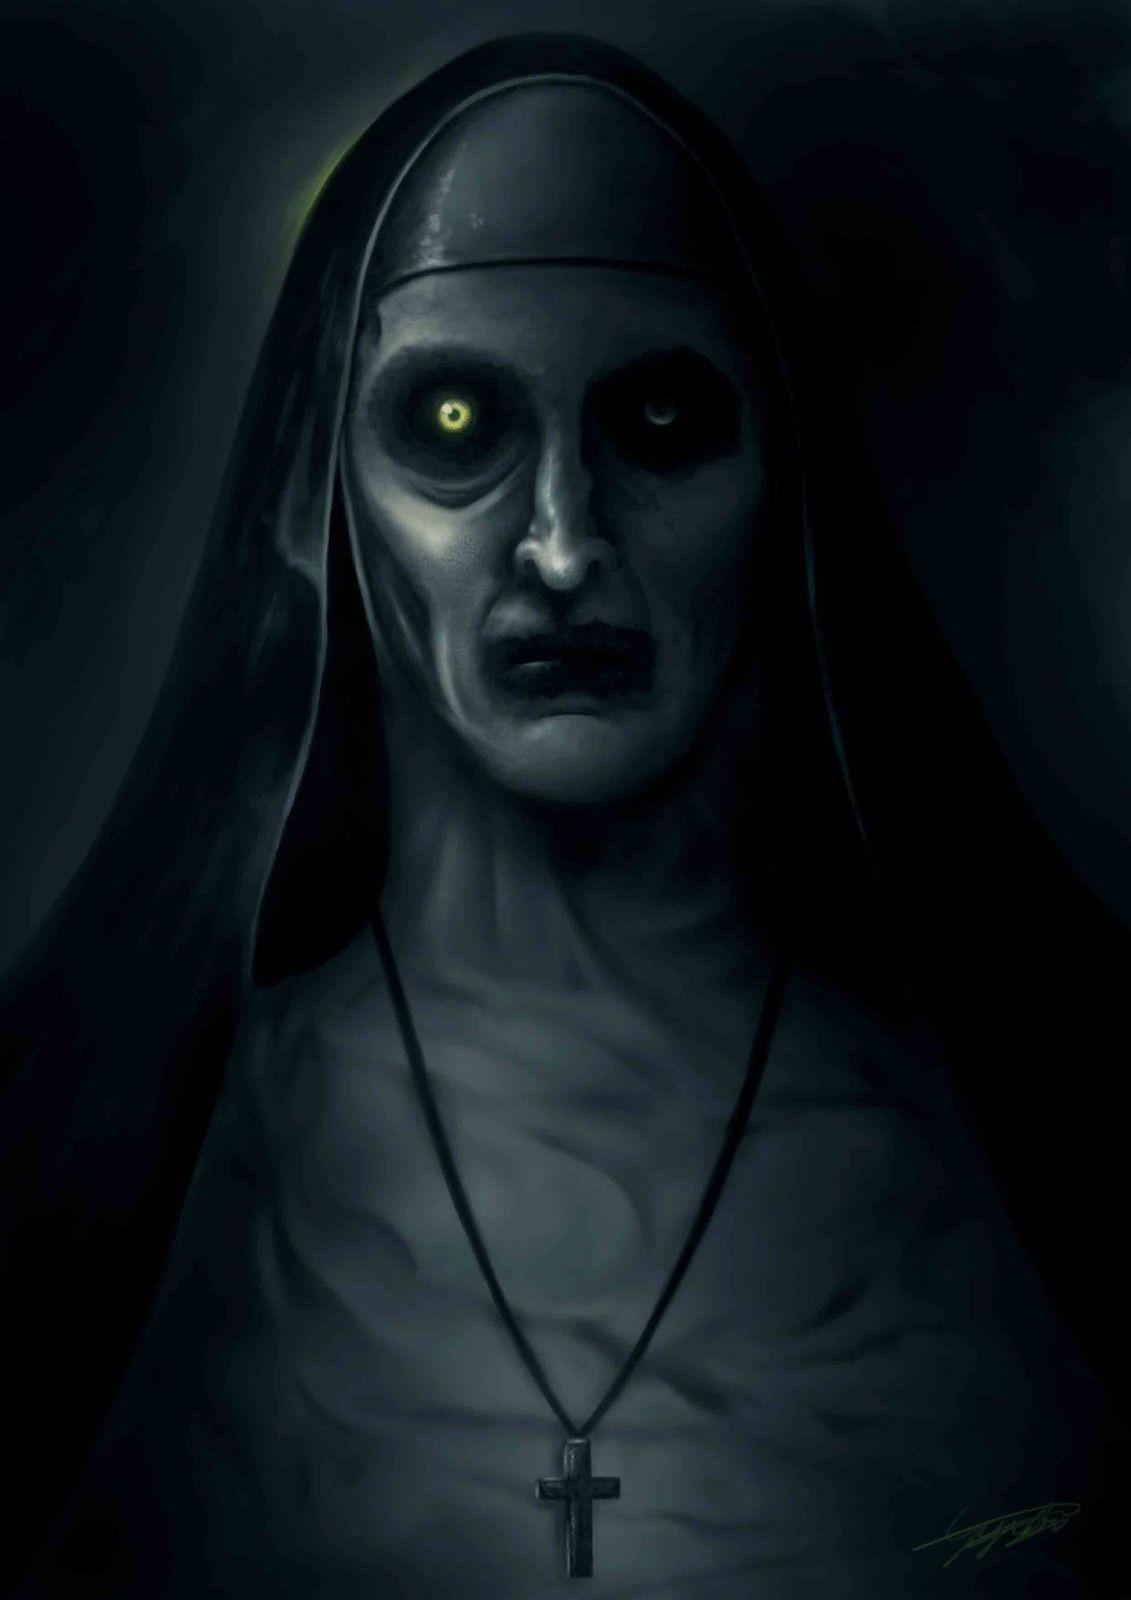 23 Imagenes De Halloween De Terror Con Movimiento Peliculas De Fantasmas Imagenes De Terror Peliculas De Terror